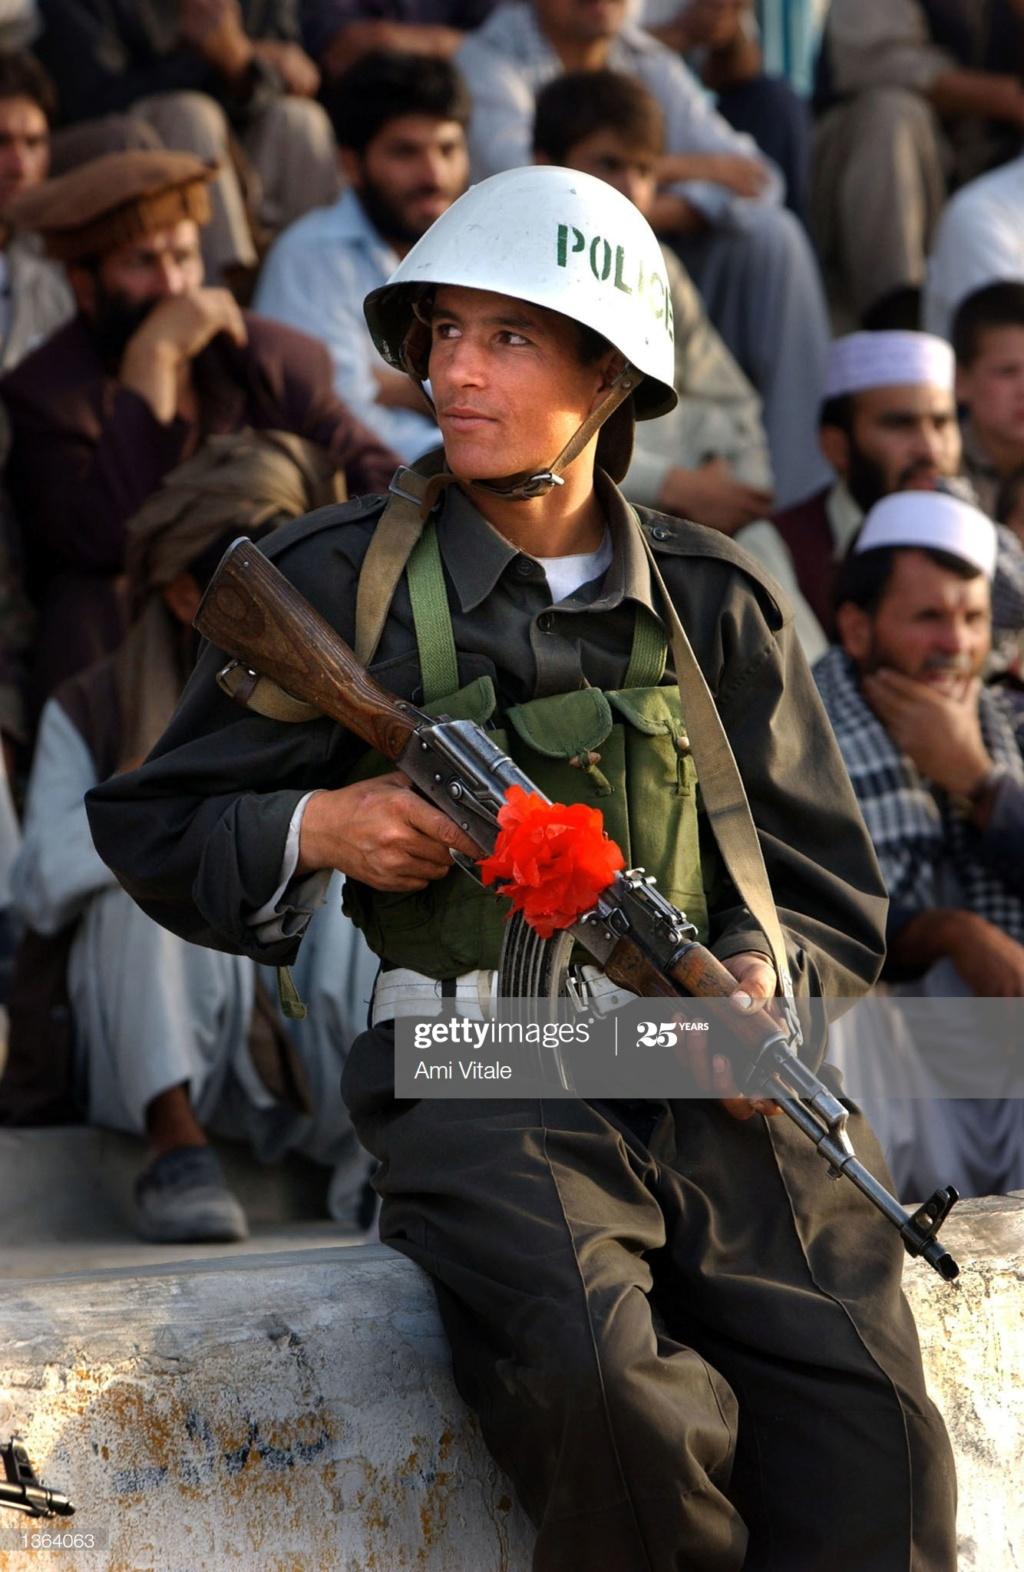 Soviet Helmet used by Afghan police Gettyi21